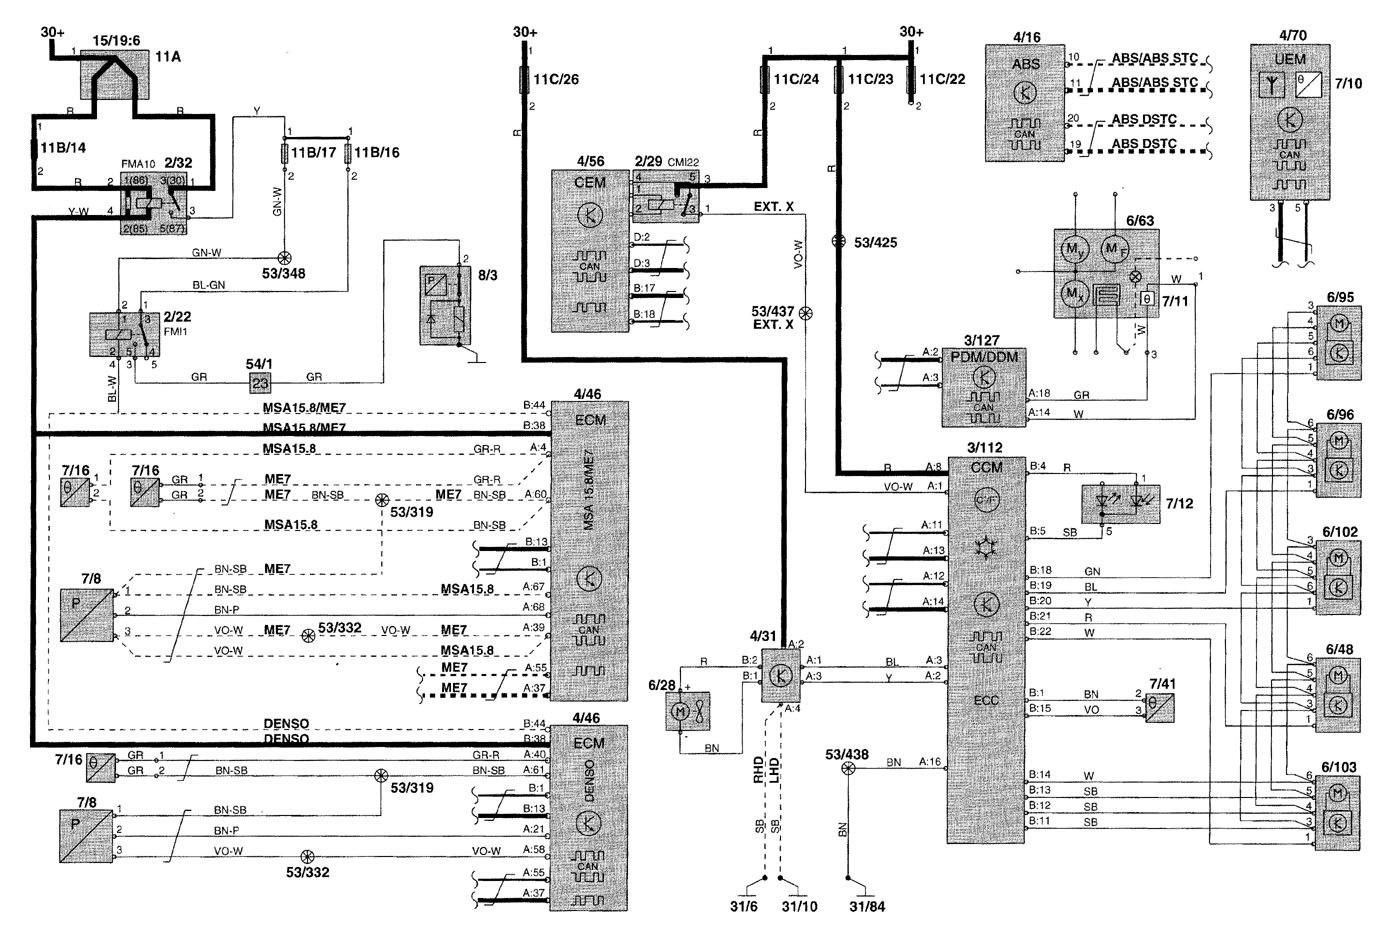 volvo v70 wiring diagram 2000 2005 jeep wrangler pcm diagrams hvac controls